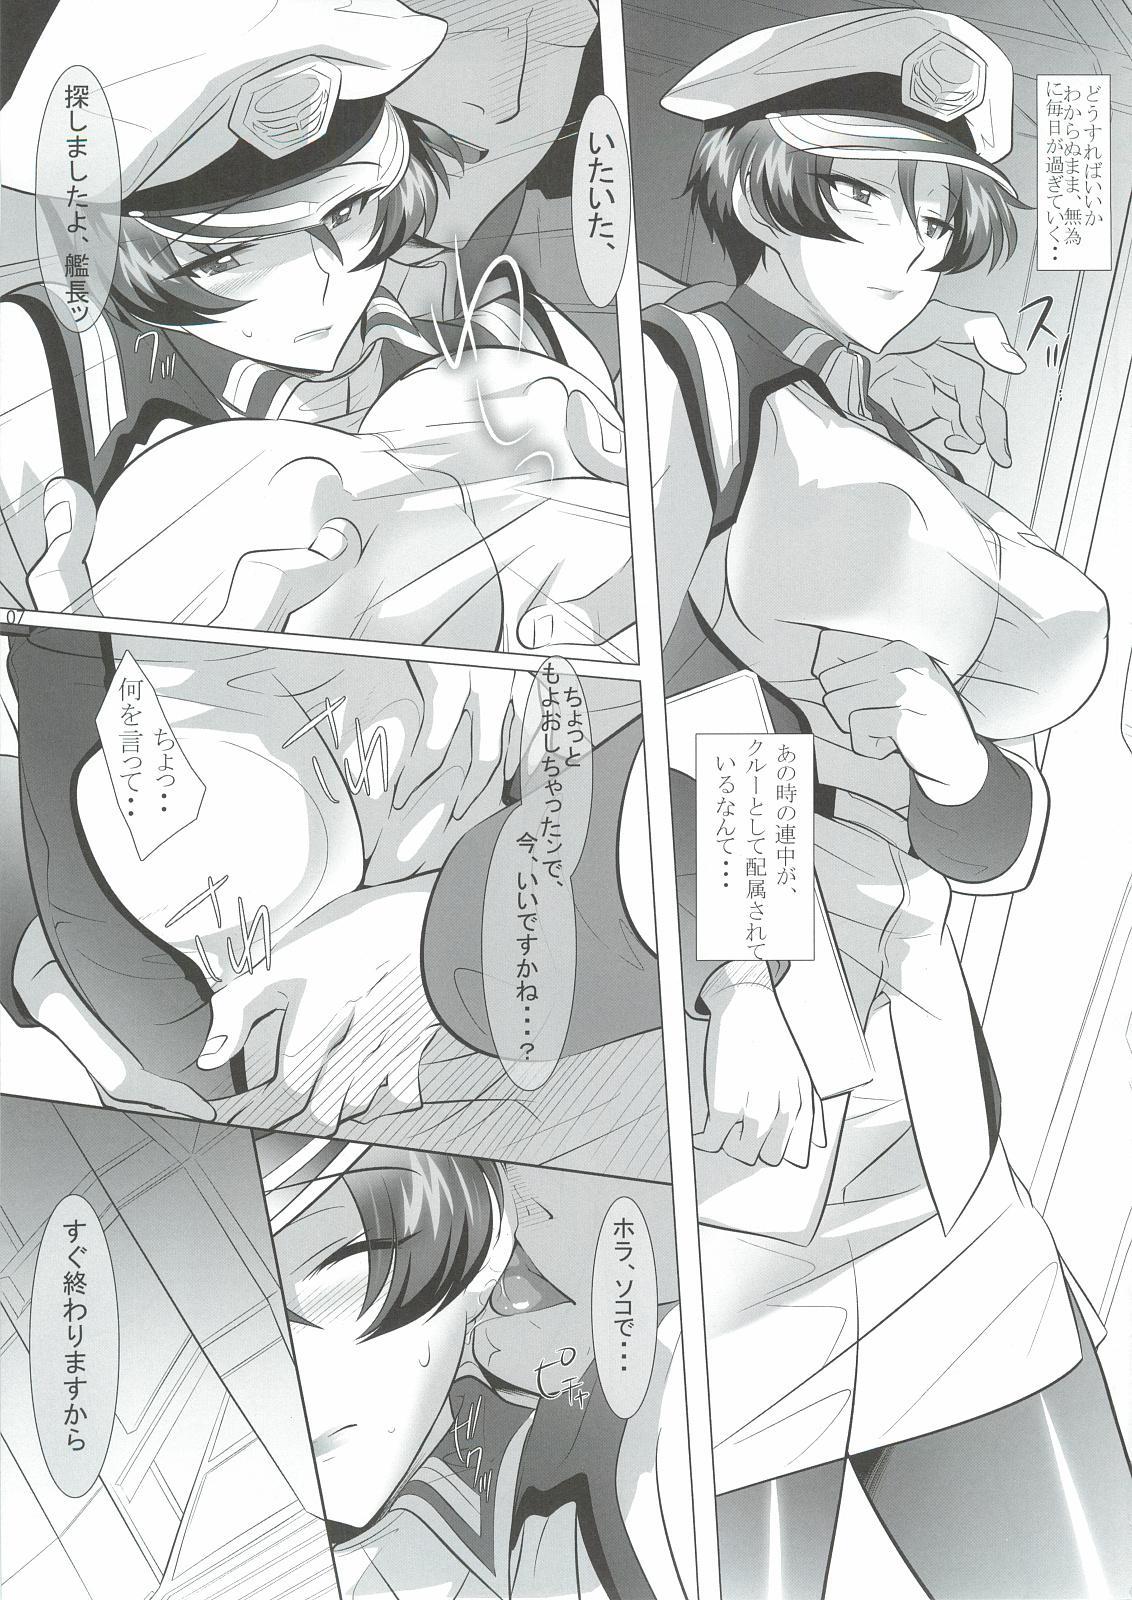 Katabutsu Kanchou Rouraku 5